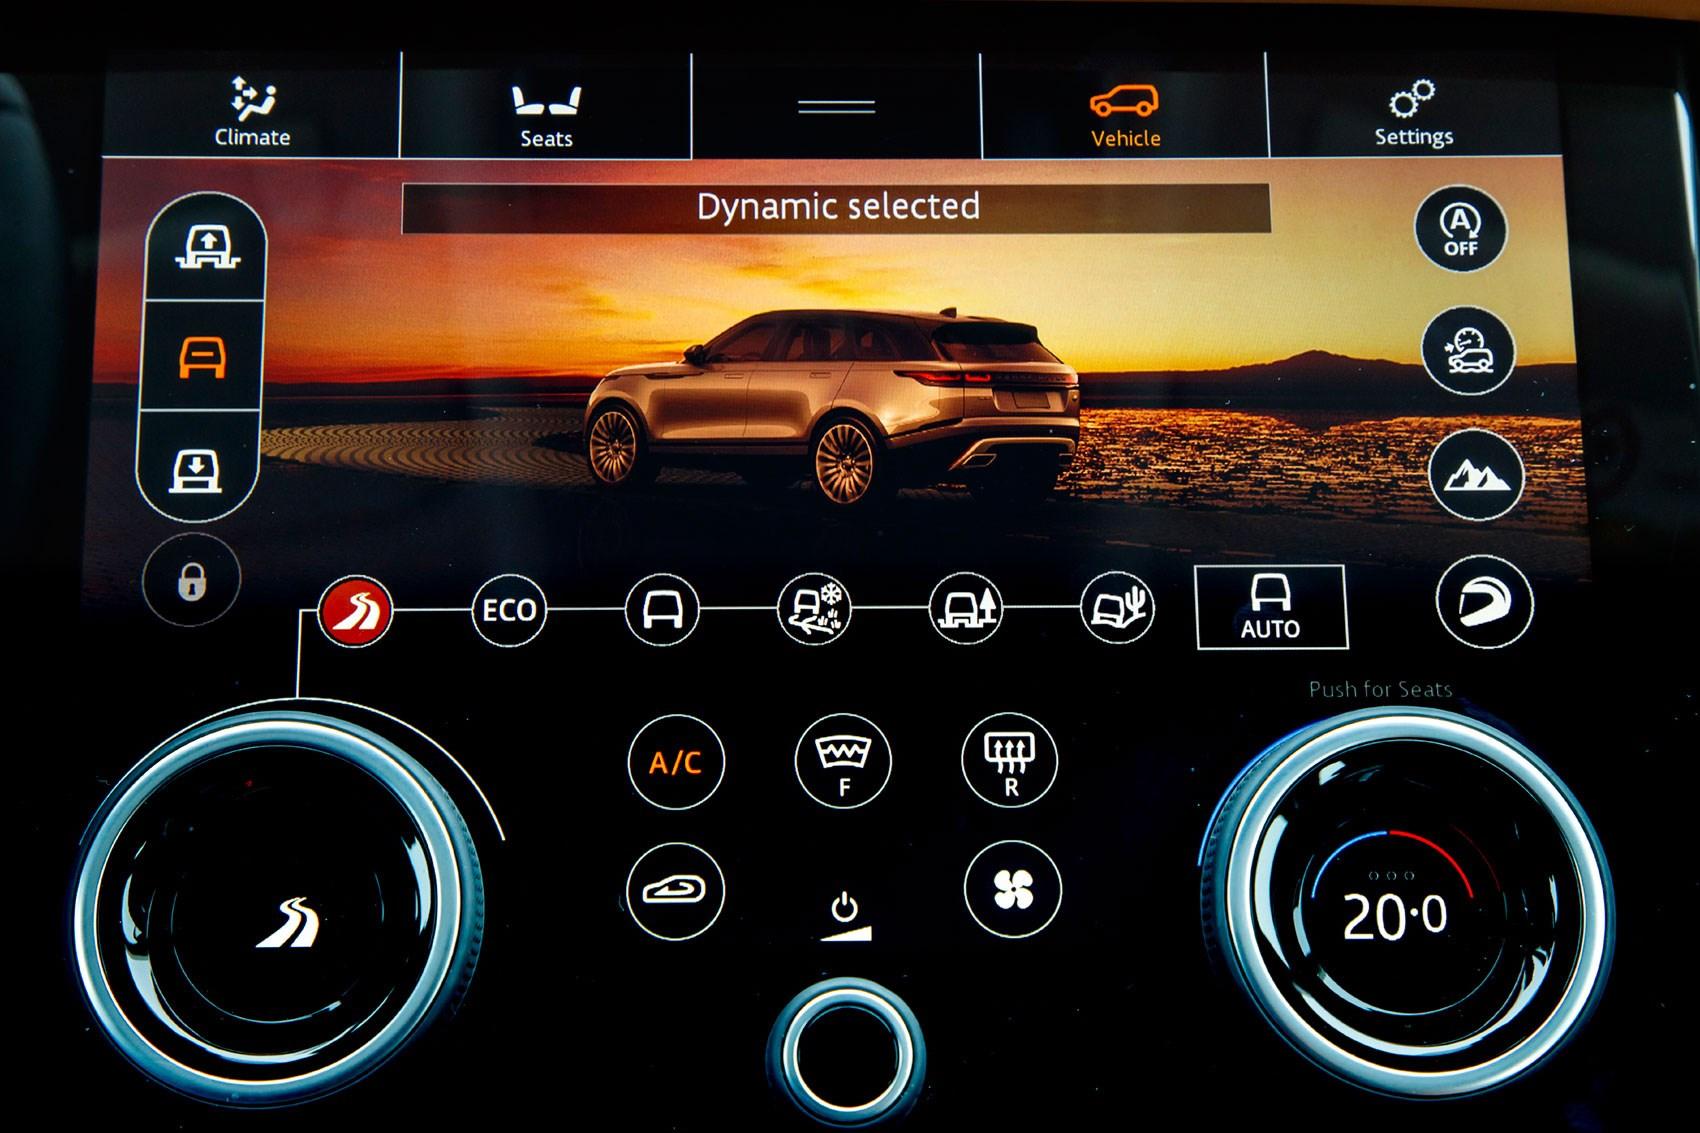 The digital screens on the new Range Rover Velar